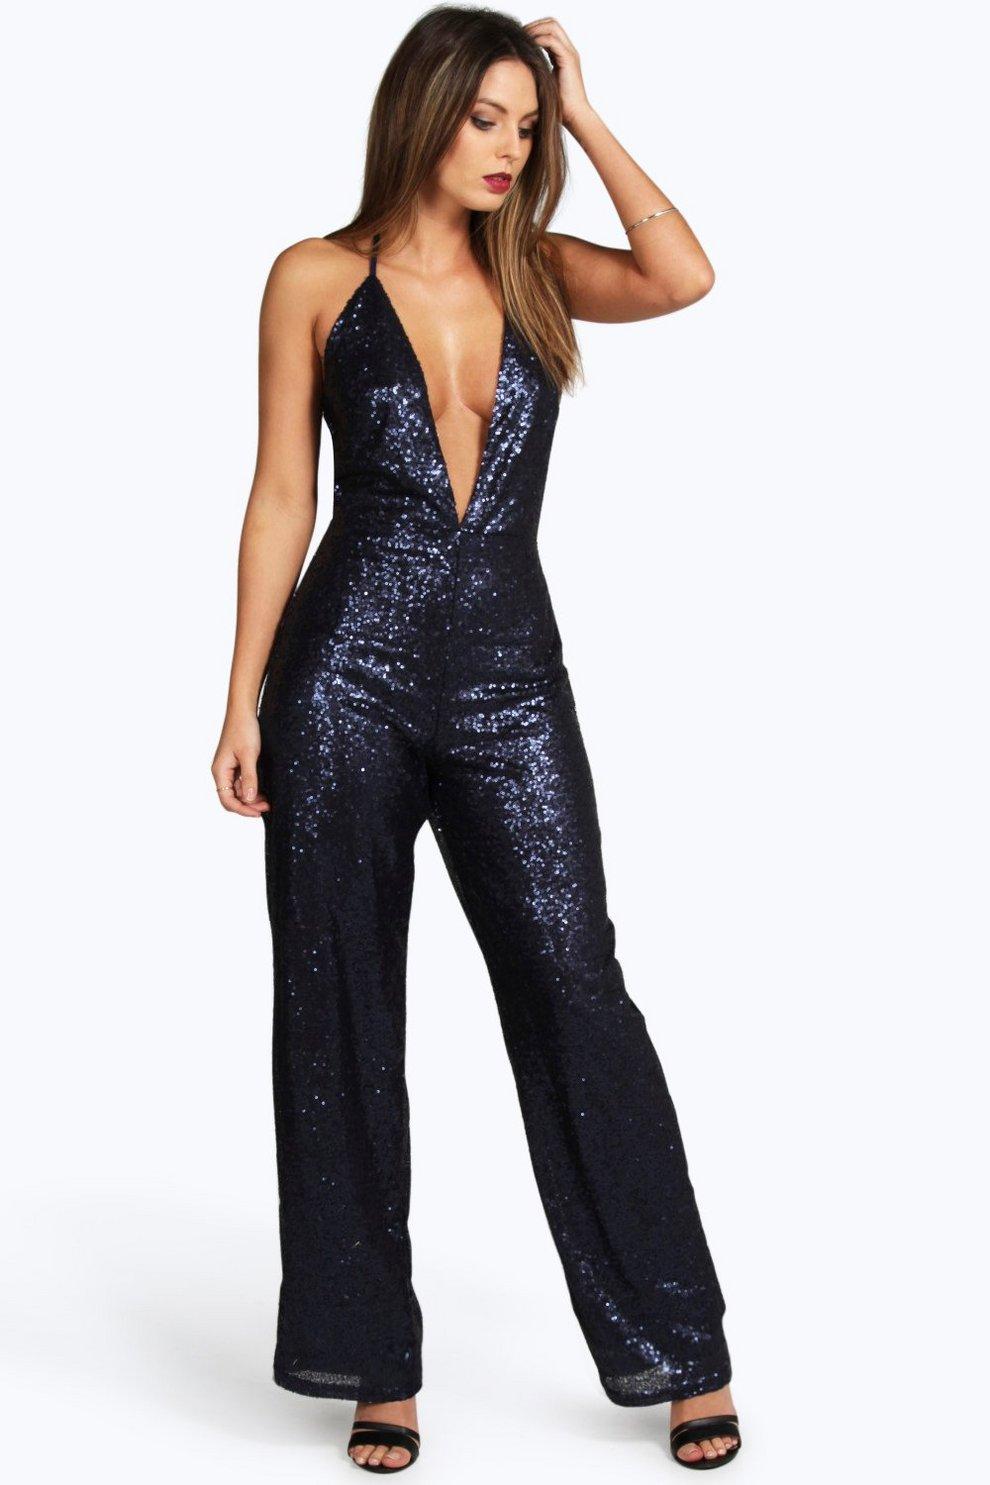 f1e021b3c74 Boutique Lisa Deep Plunge Strappy Sequin Jumpsuit